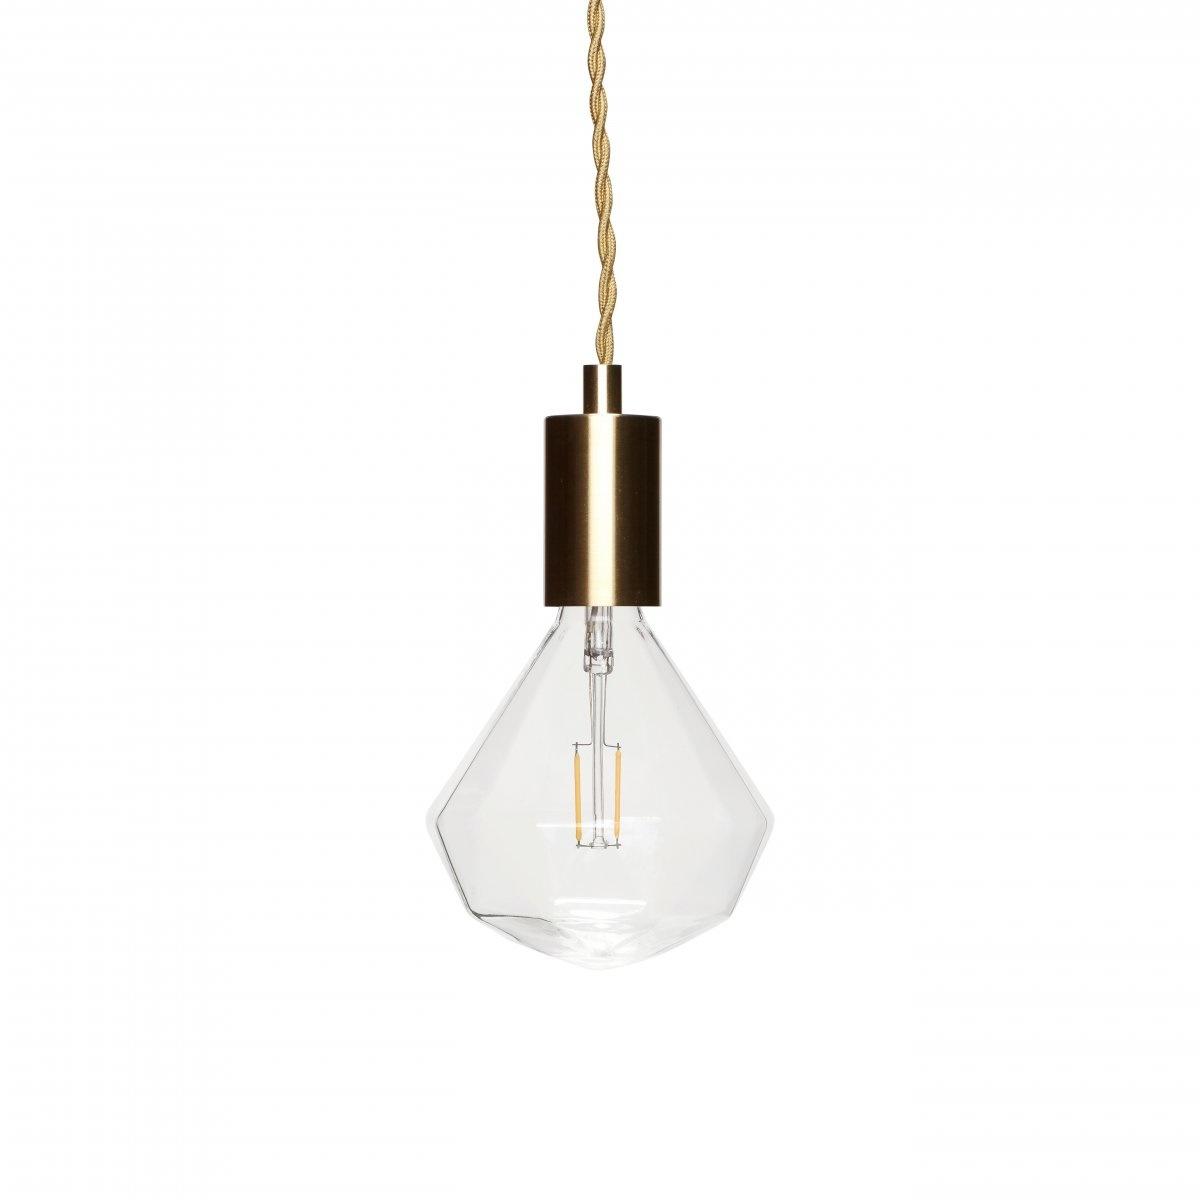 Hubsch Goudkleurige 1-lamp fitting hanglamp-890404-5712772059562